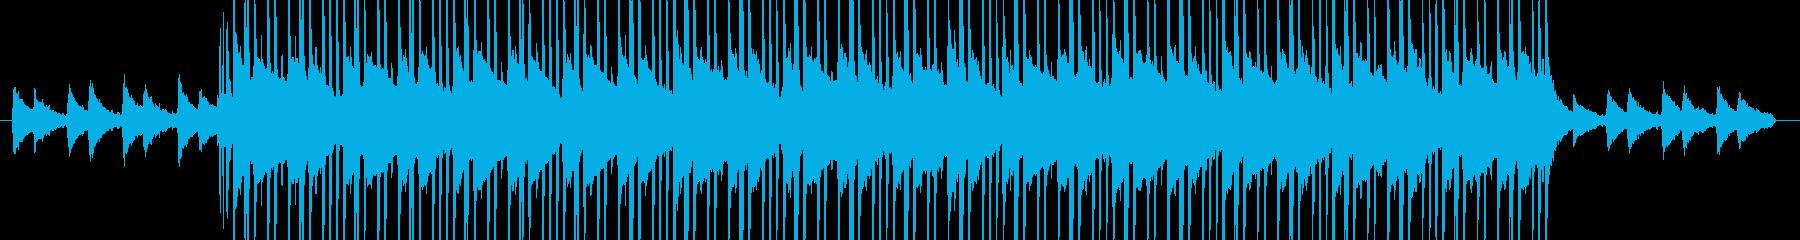 お洒落なピアノ&ジャジーなヒップホップの再生済みの波形